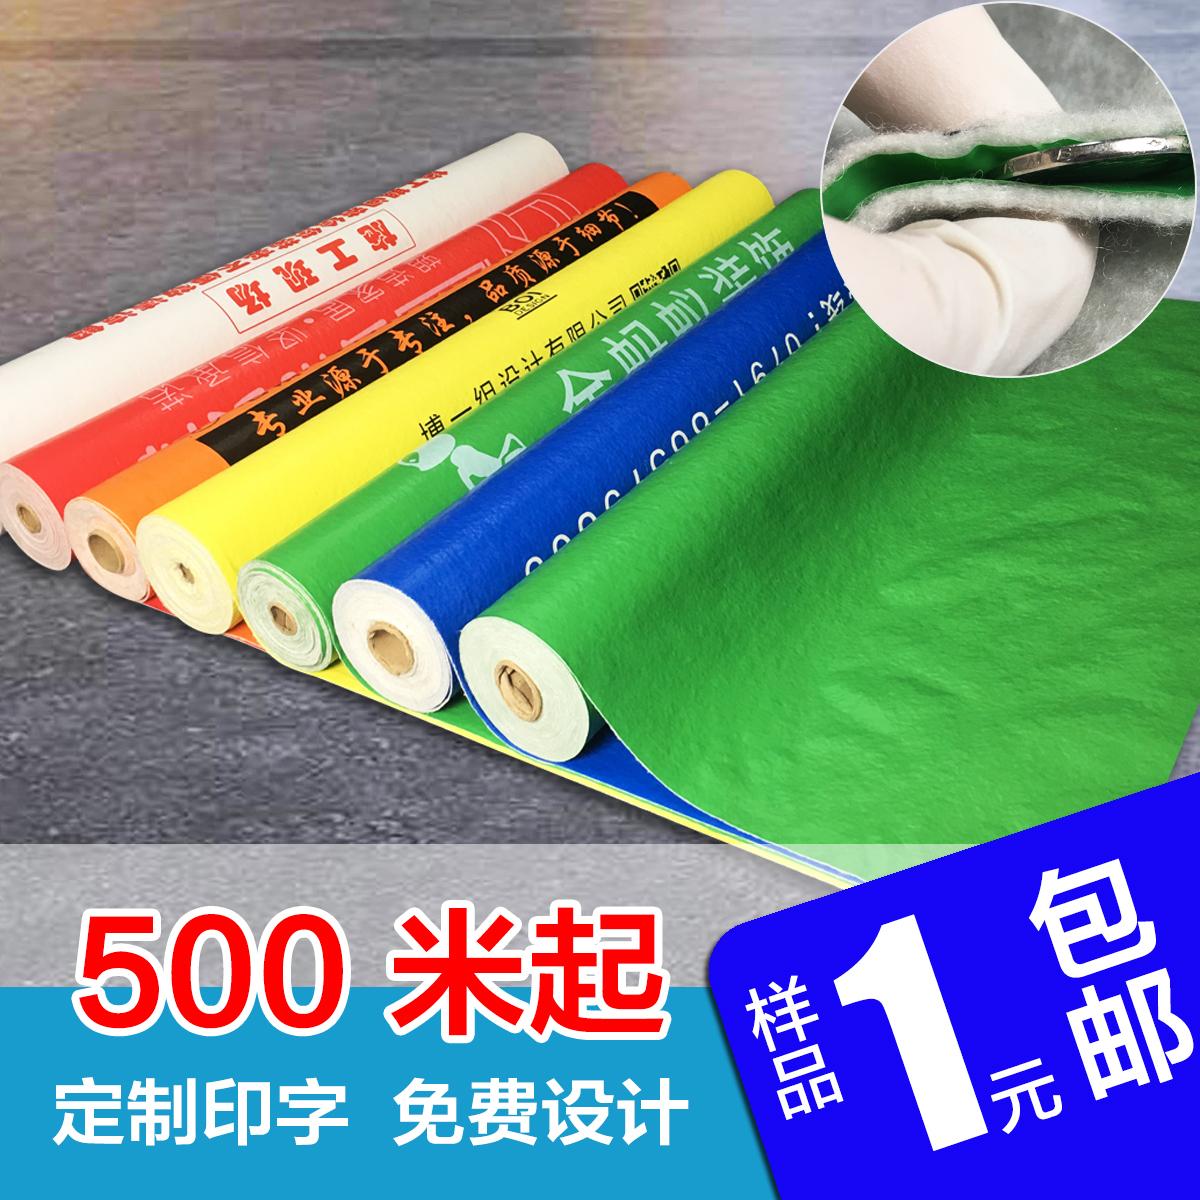 装修地面保护膜PVC复合针织棉地板瓷砖保护膜地垫防潮防水地垫